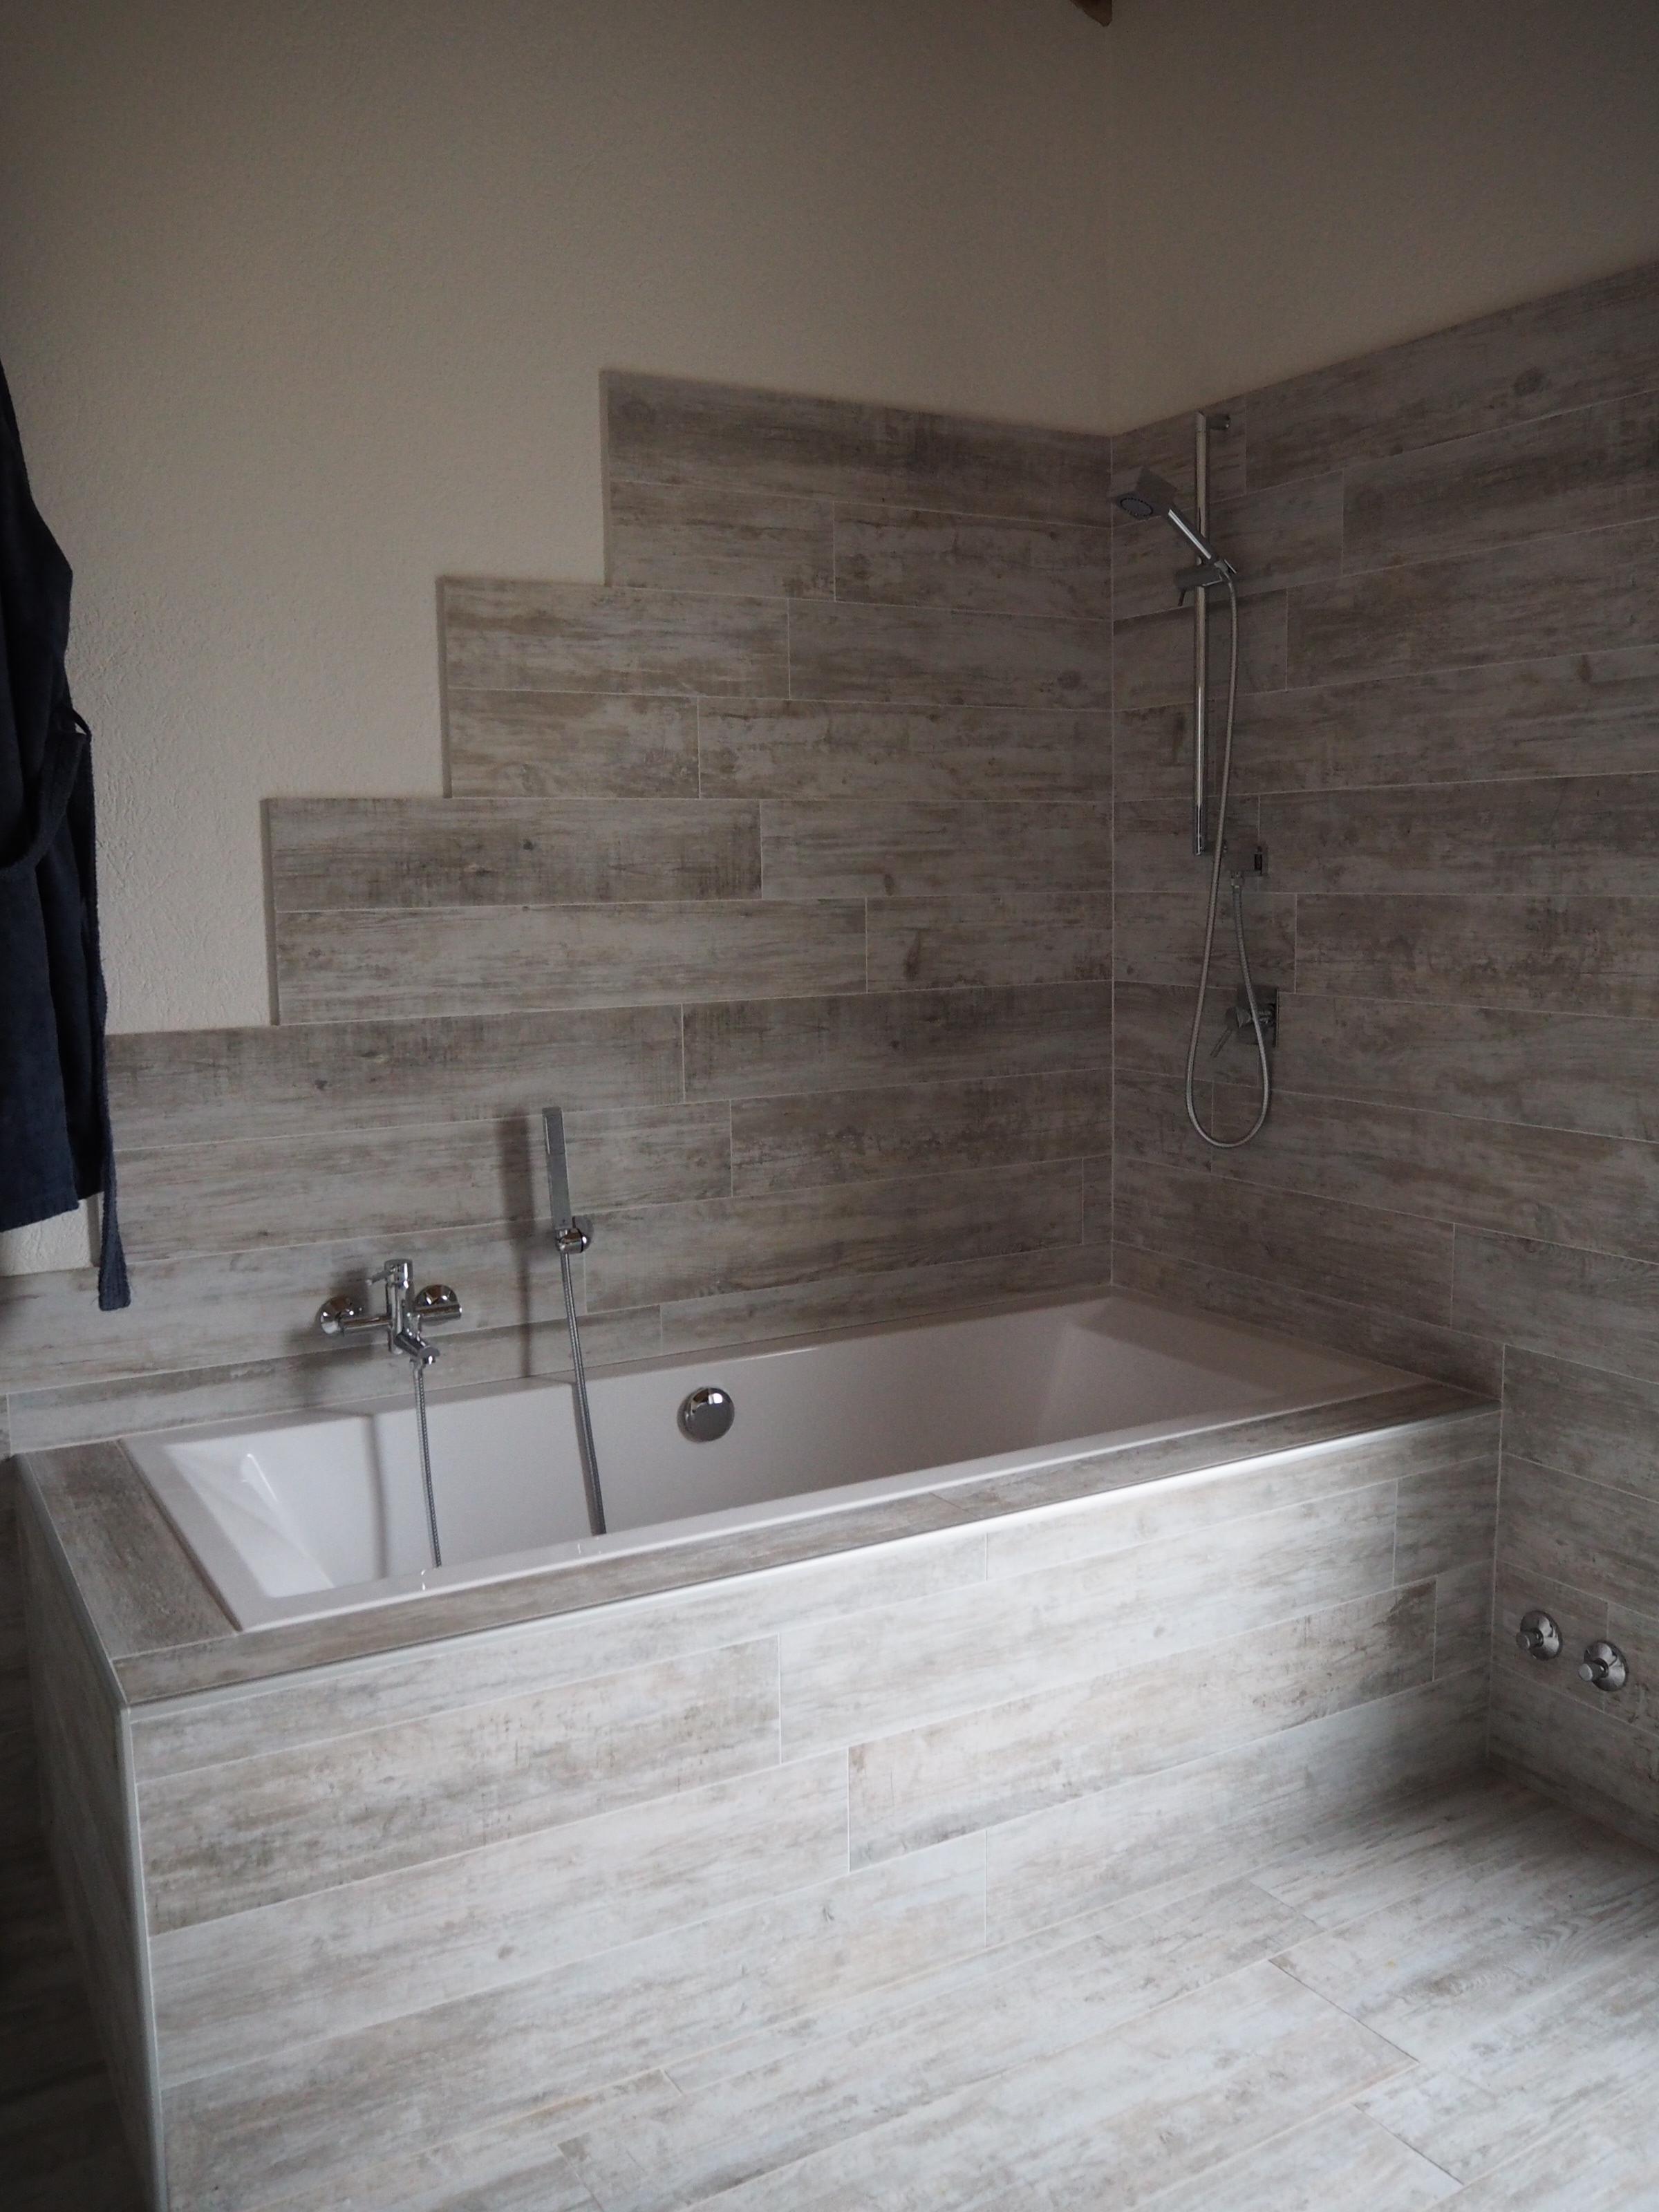 TPorte da interni Cuneo, Bagni in marmo Cuneo, Lavabi moderni Cuneo, Offerta per lavabo moderno ...